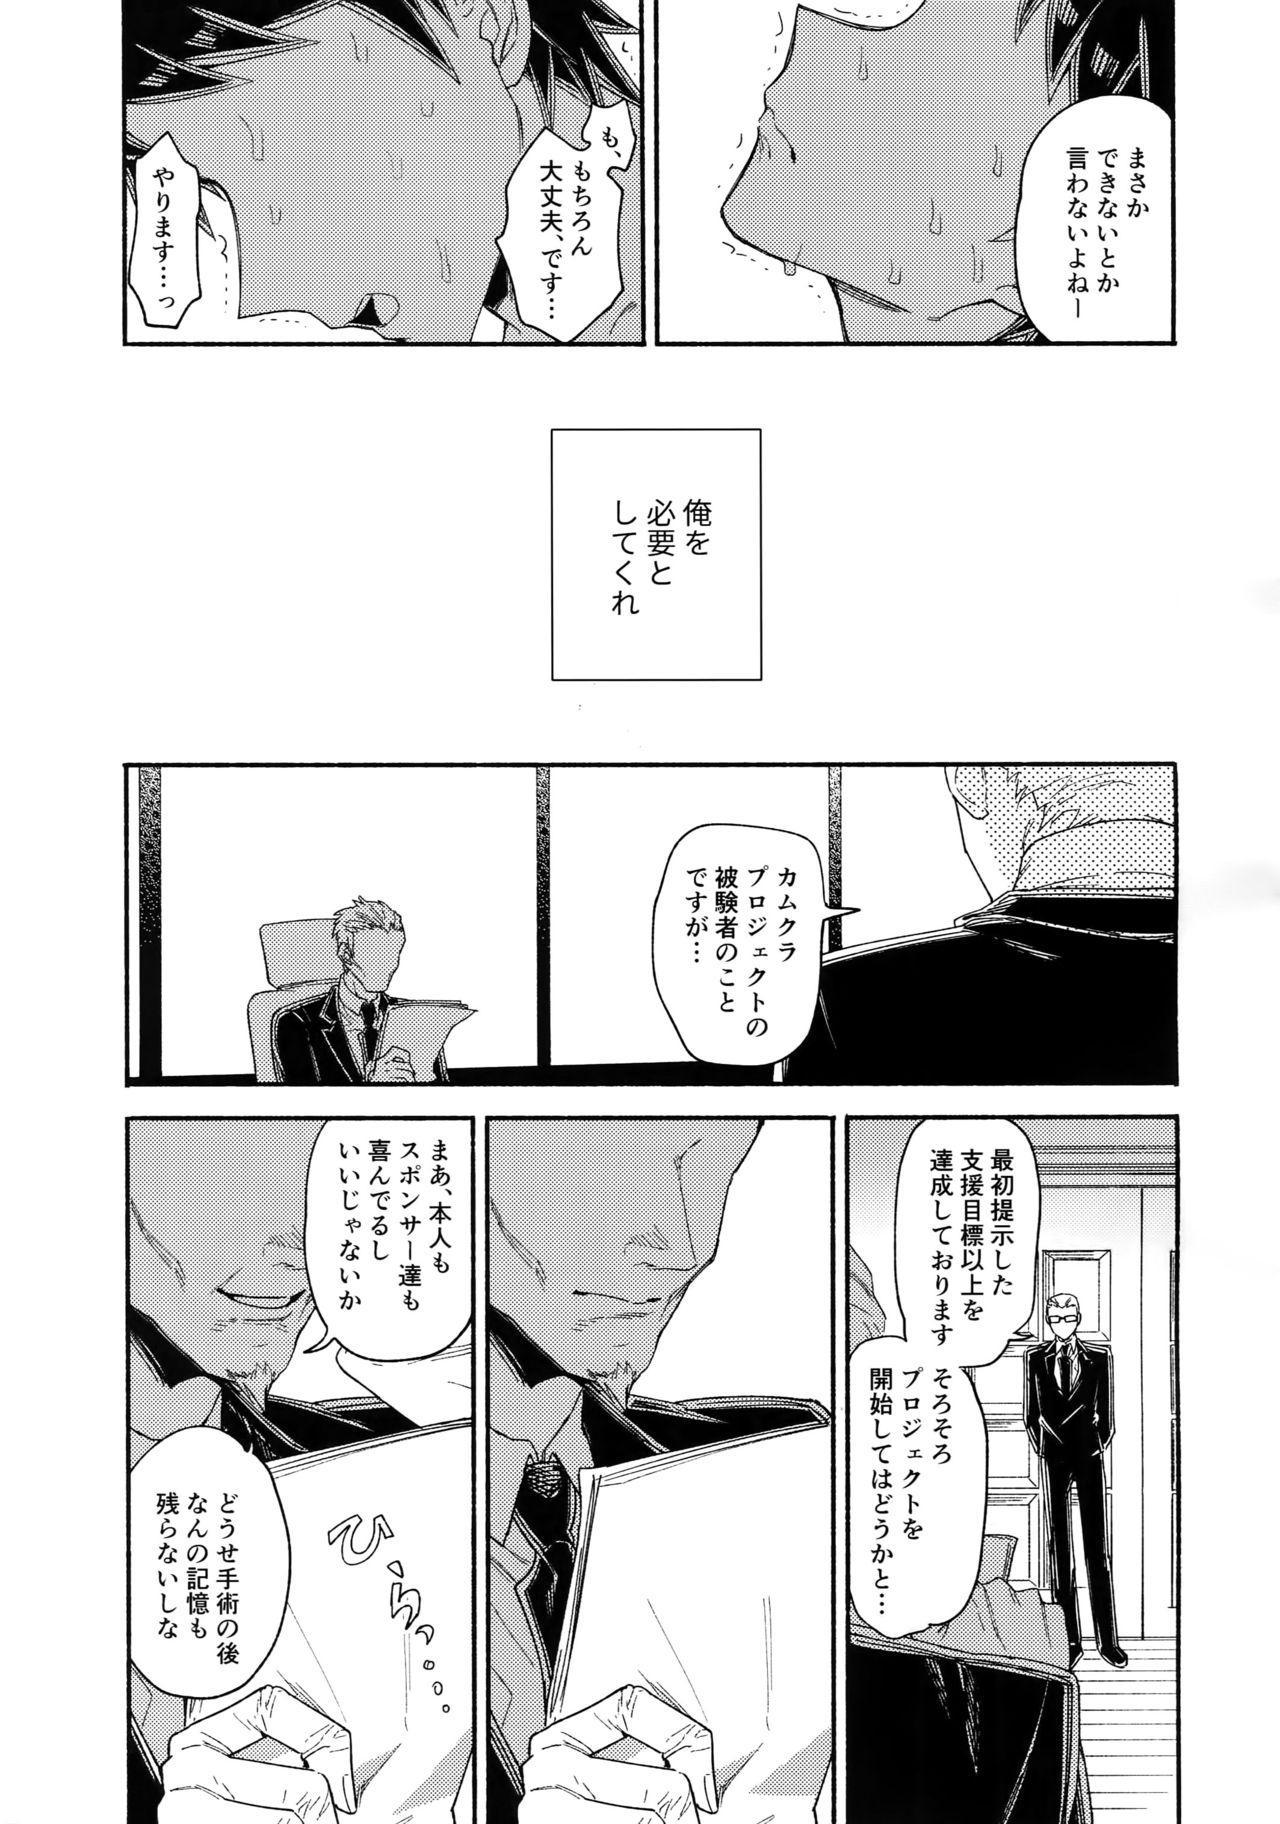 Aisareru Yobi Gakka 27